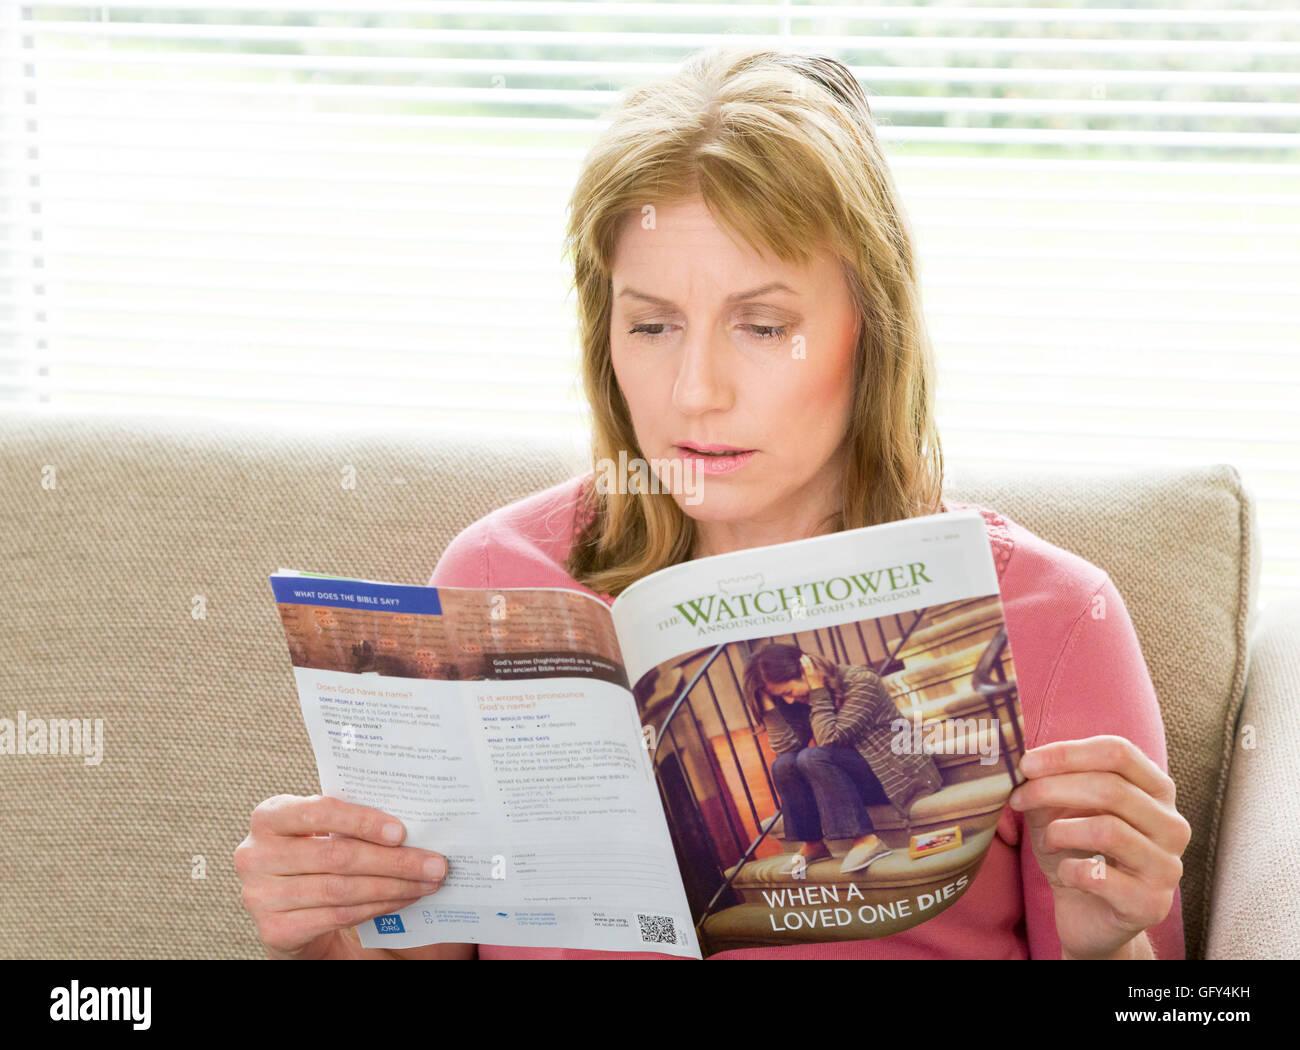 Resultado de imagen para reading the watchtower magazine